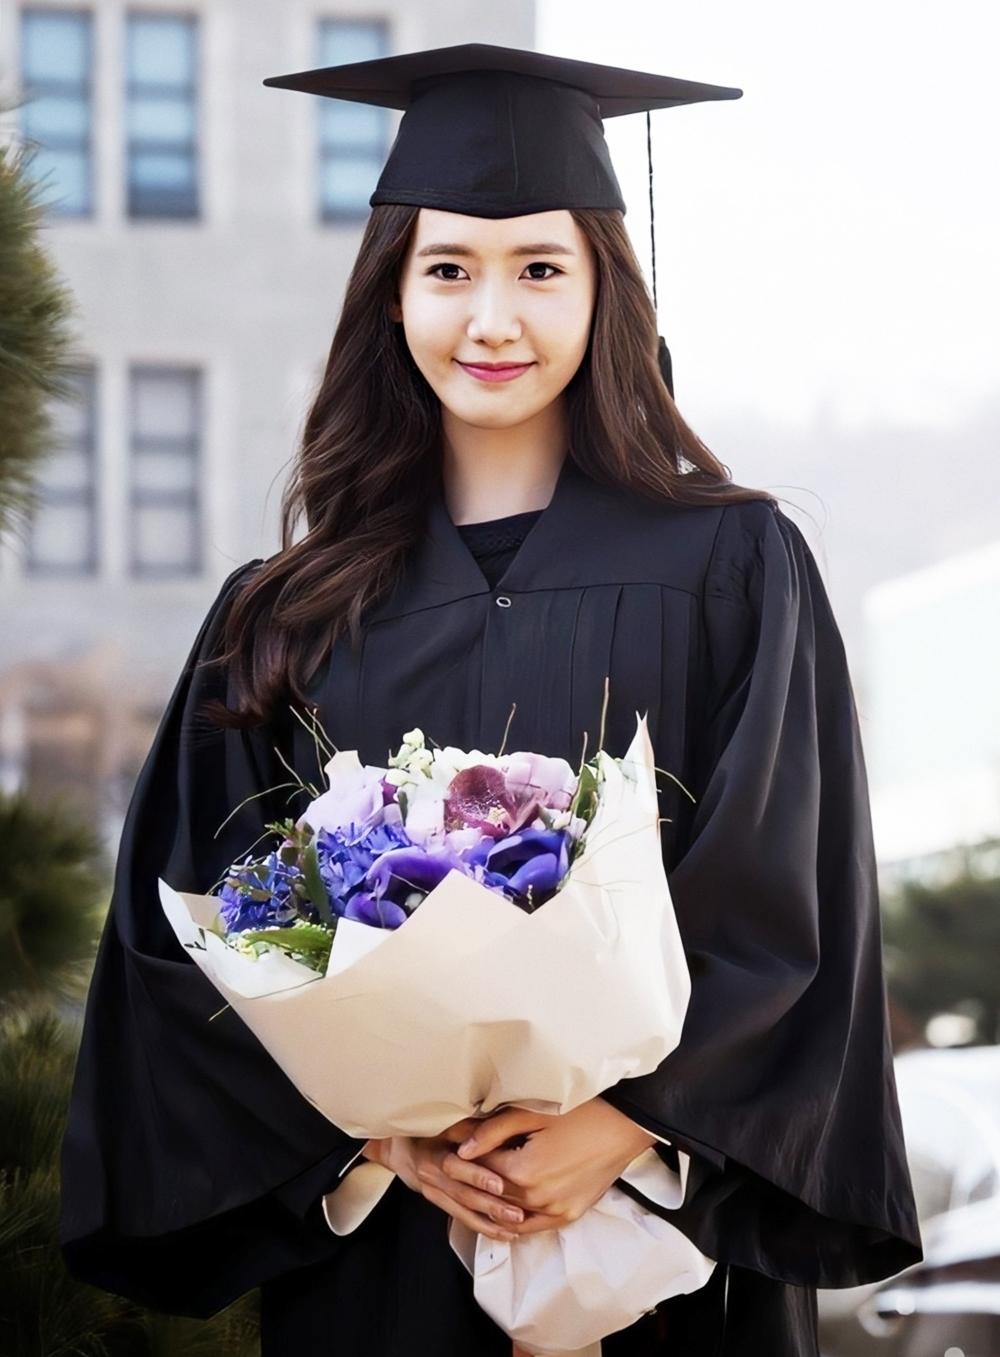 Người đẹp chụp hình lưu niệm ngày tốt nghiệp Đại học